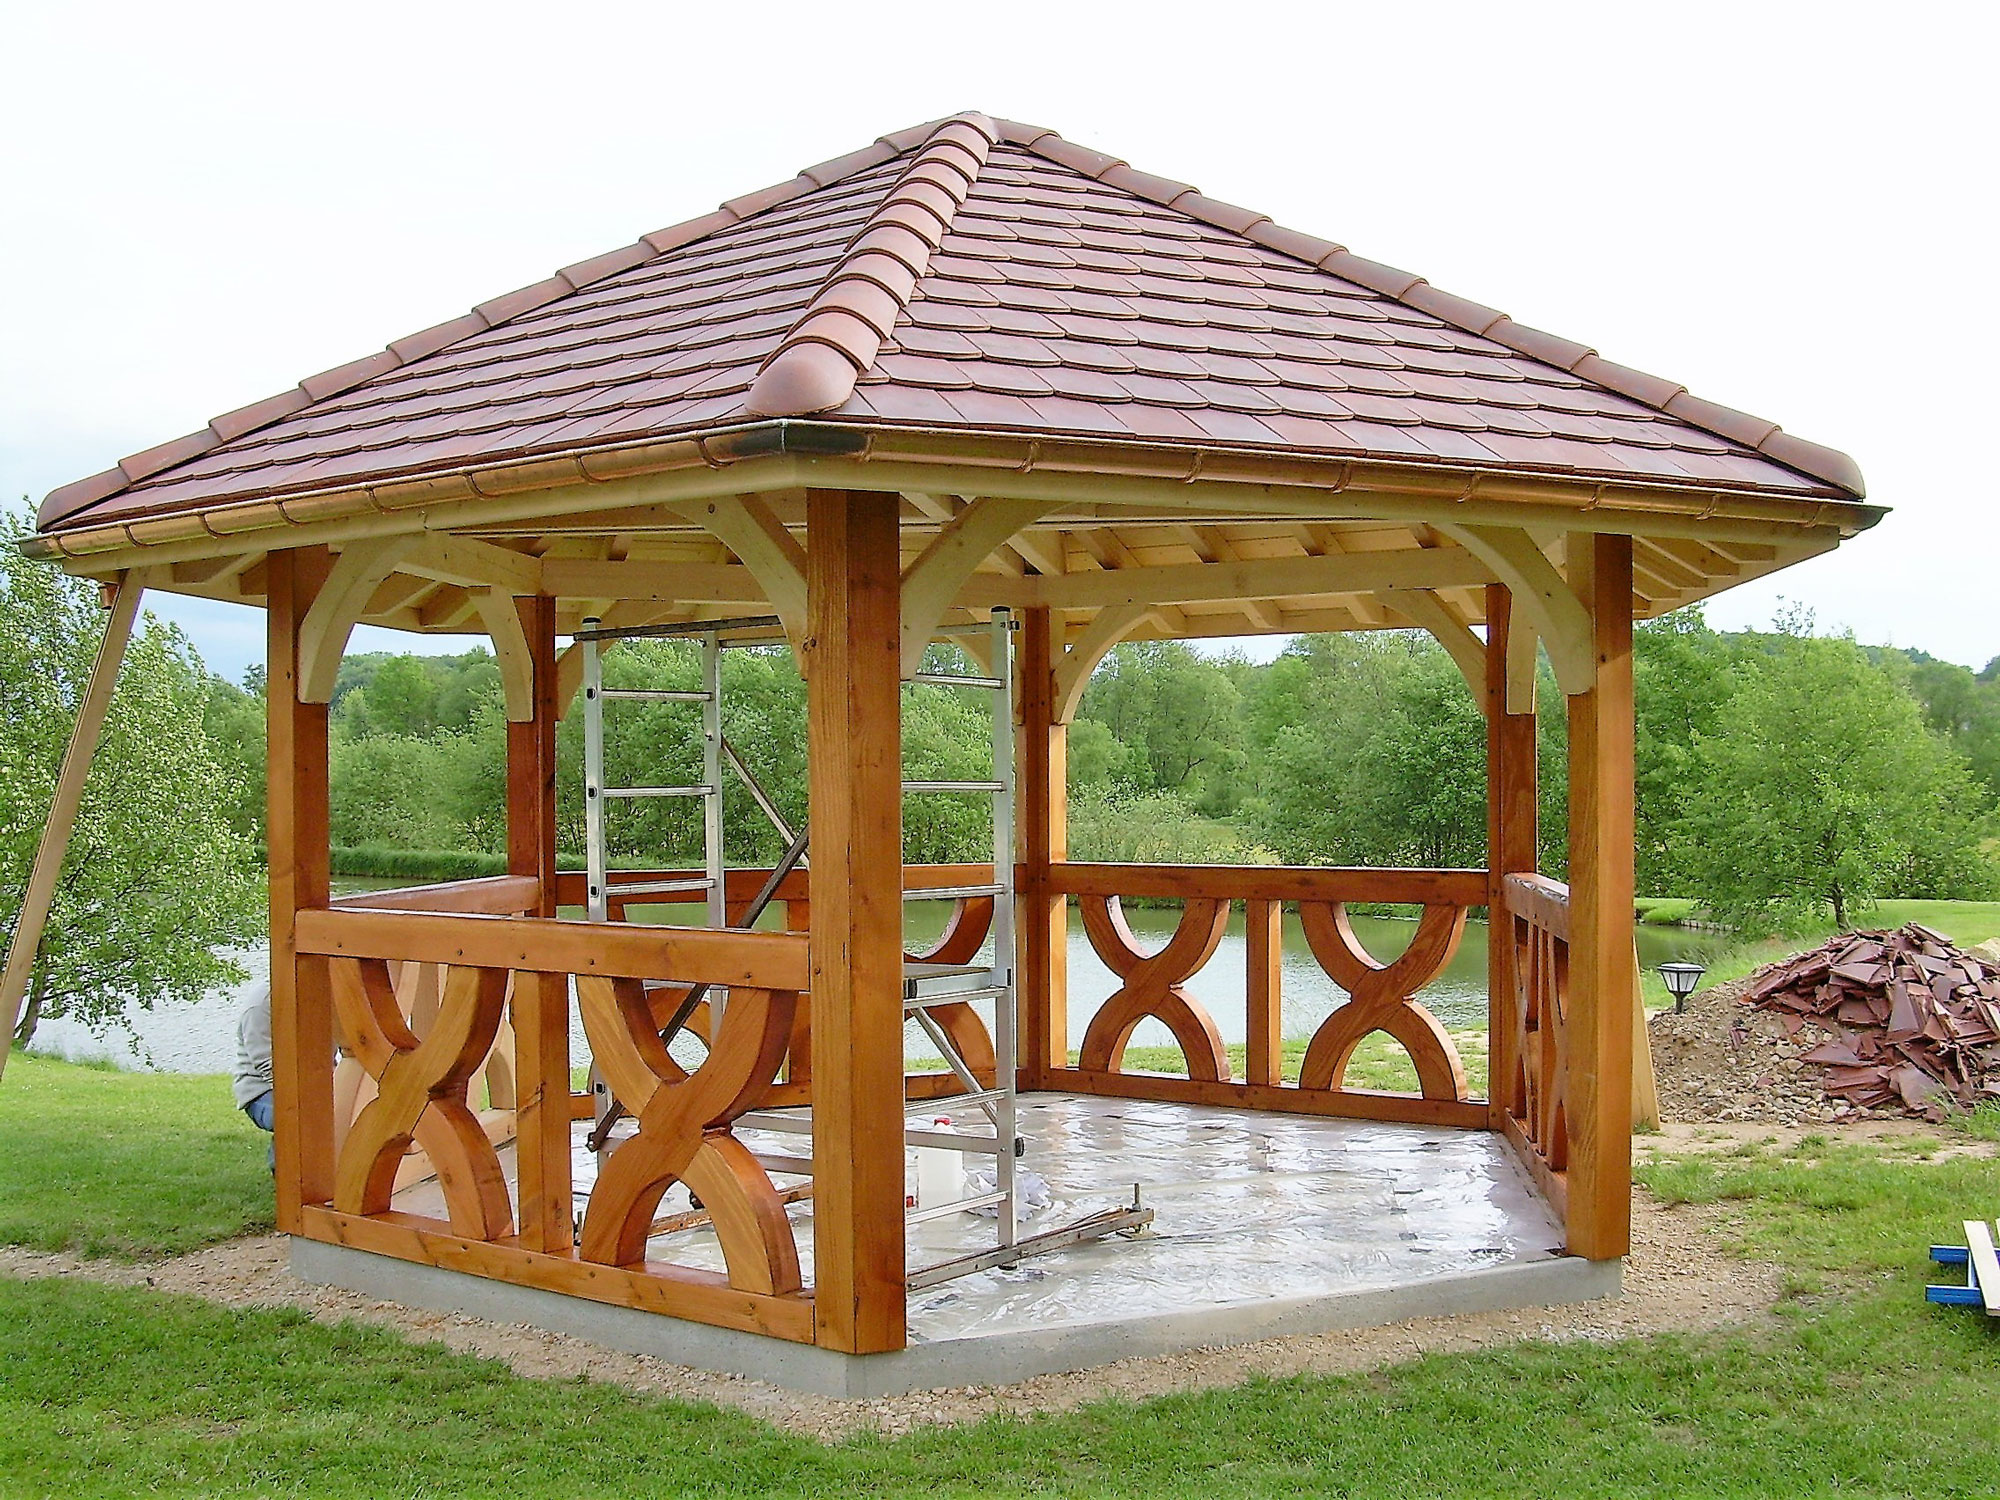 Lutz fabricant de garages abris constructions bois en for Un abri ou un abris